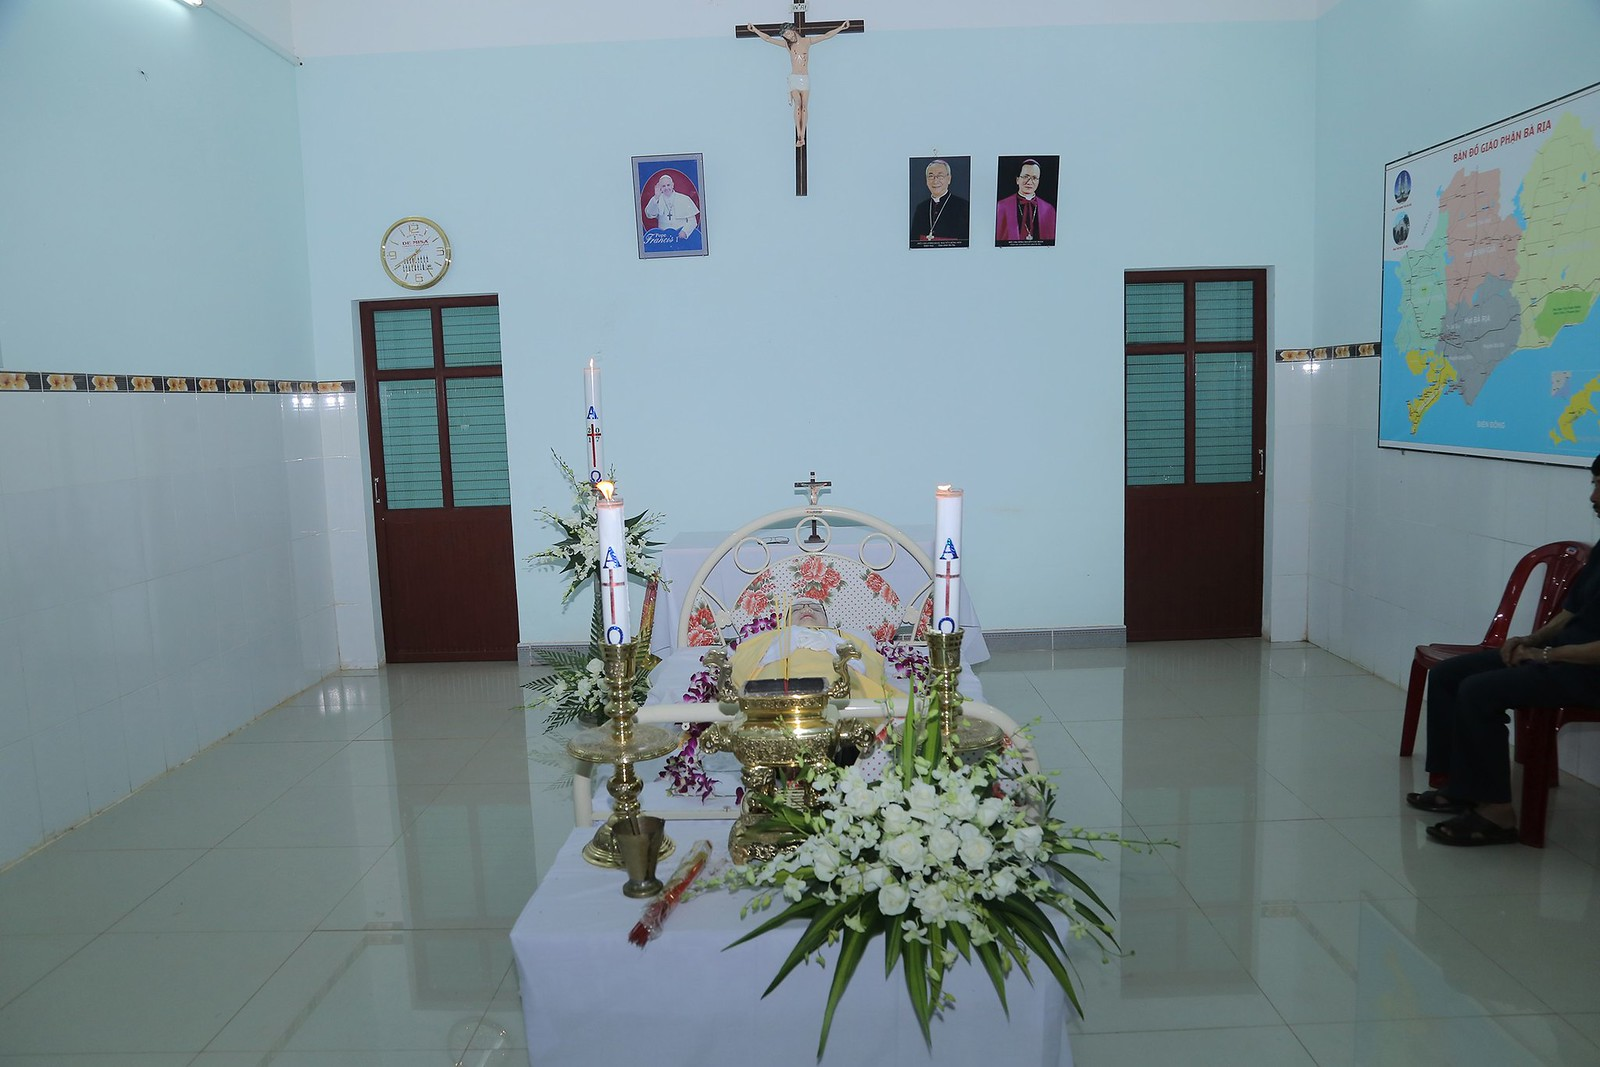 Cầu nguyện cho linh hồn Cha Giuse Đặng Đình An, Cha qua đời vì tai nạn giao thông - Ảnh minh hoạ 4